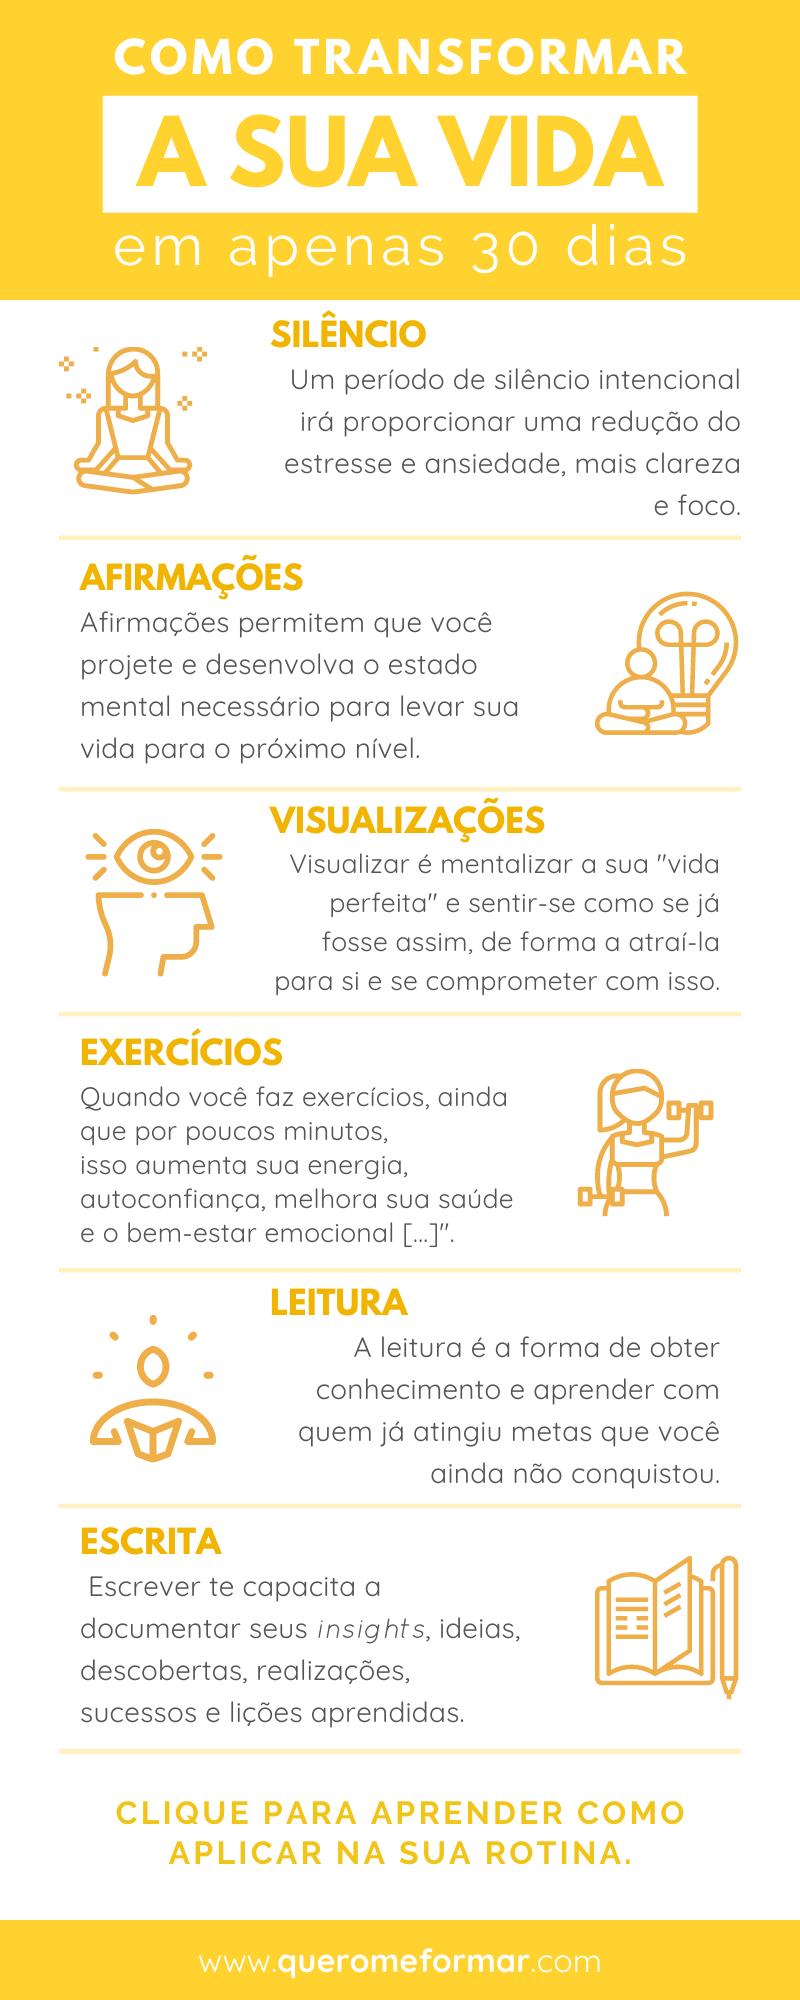 Infográfico O Milagre da Manhã — Como Mudar a Sua Vida em Apenas 30 Dias